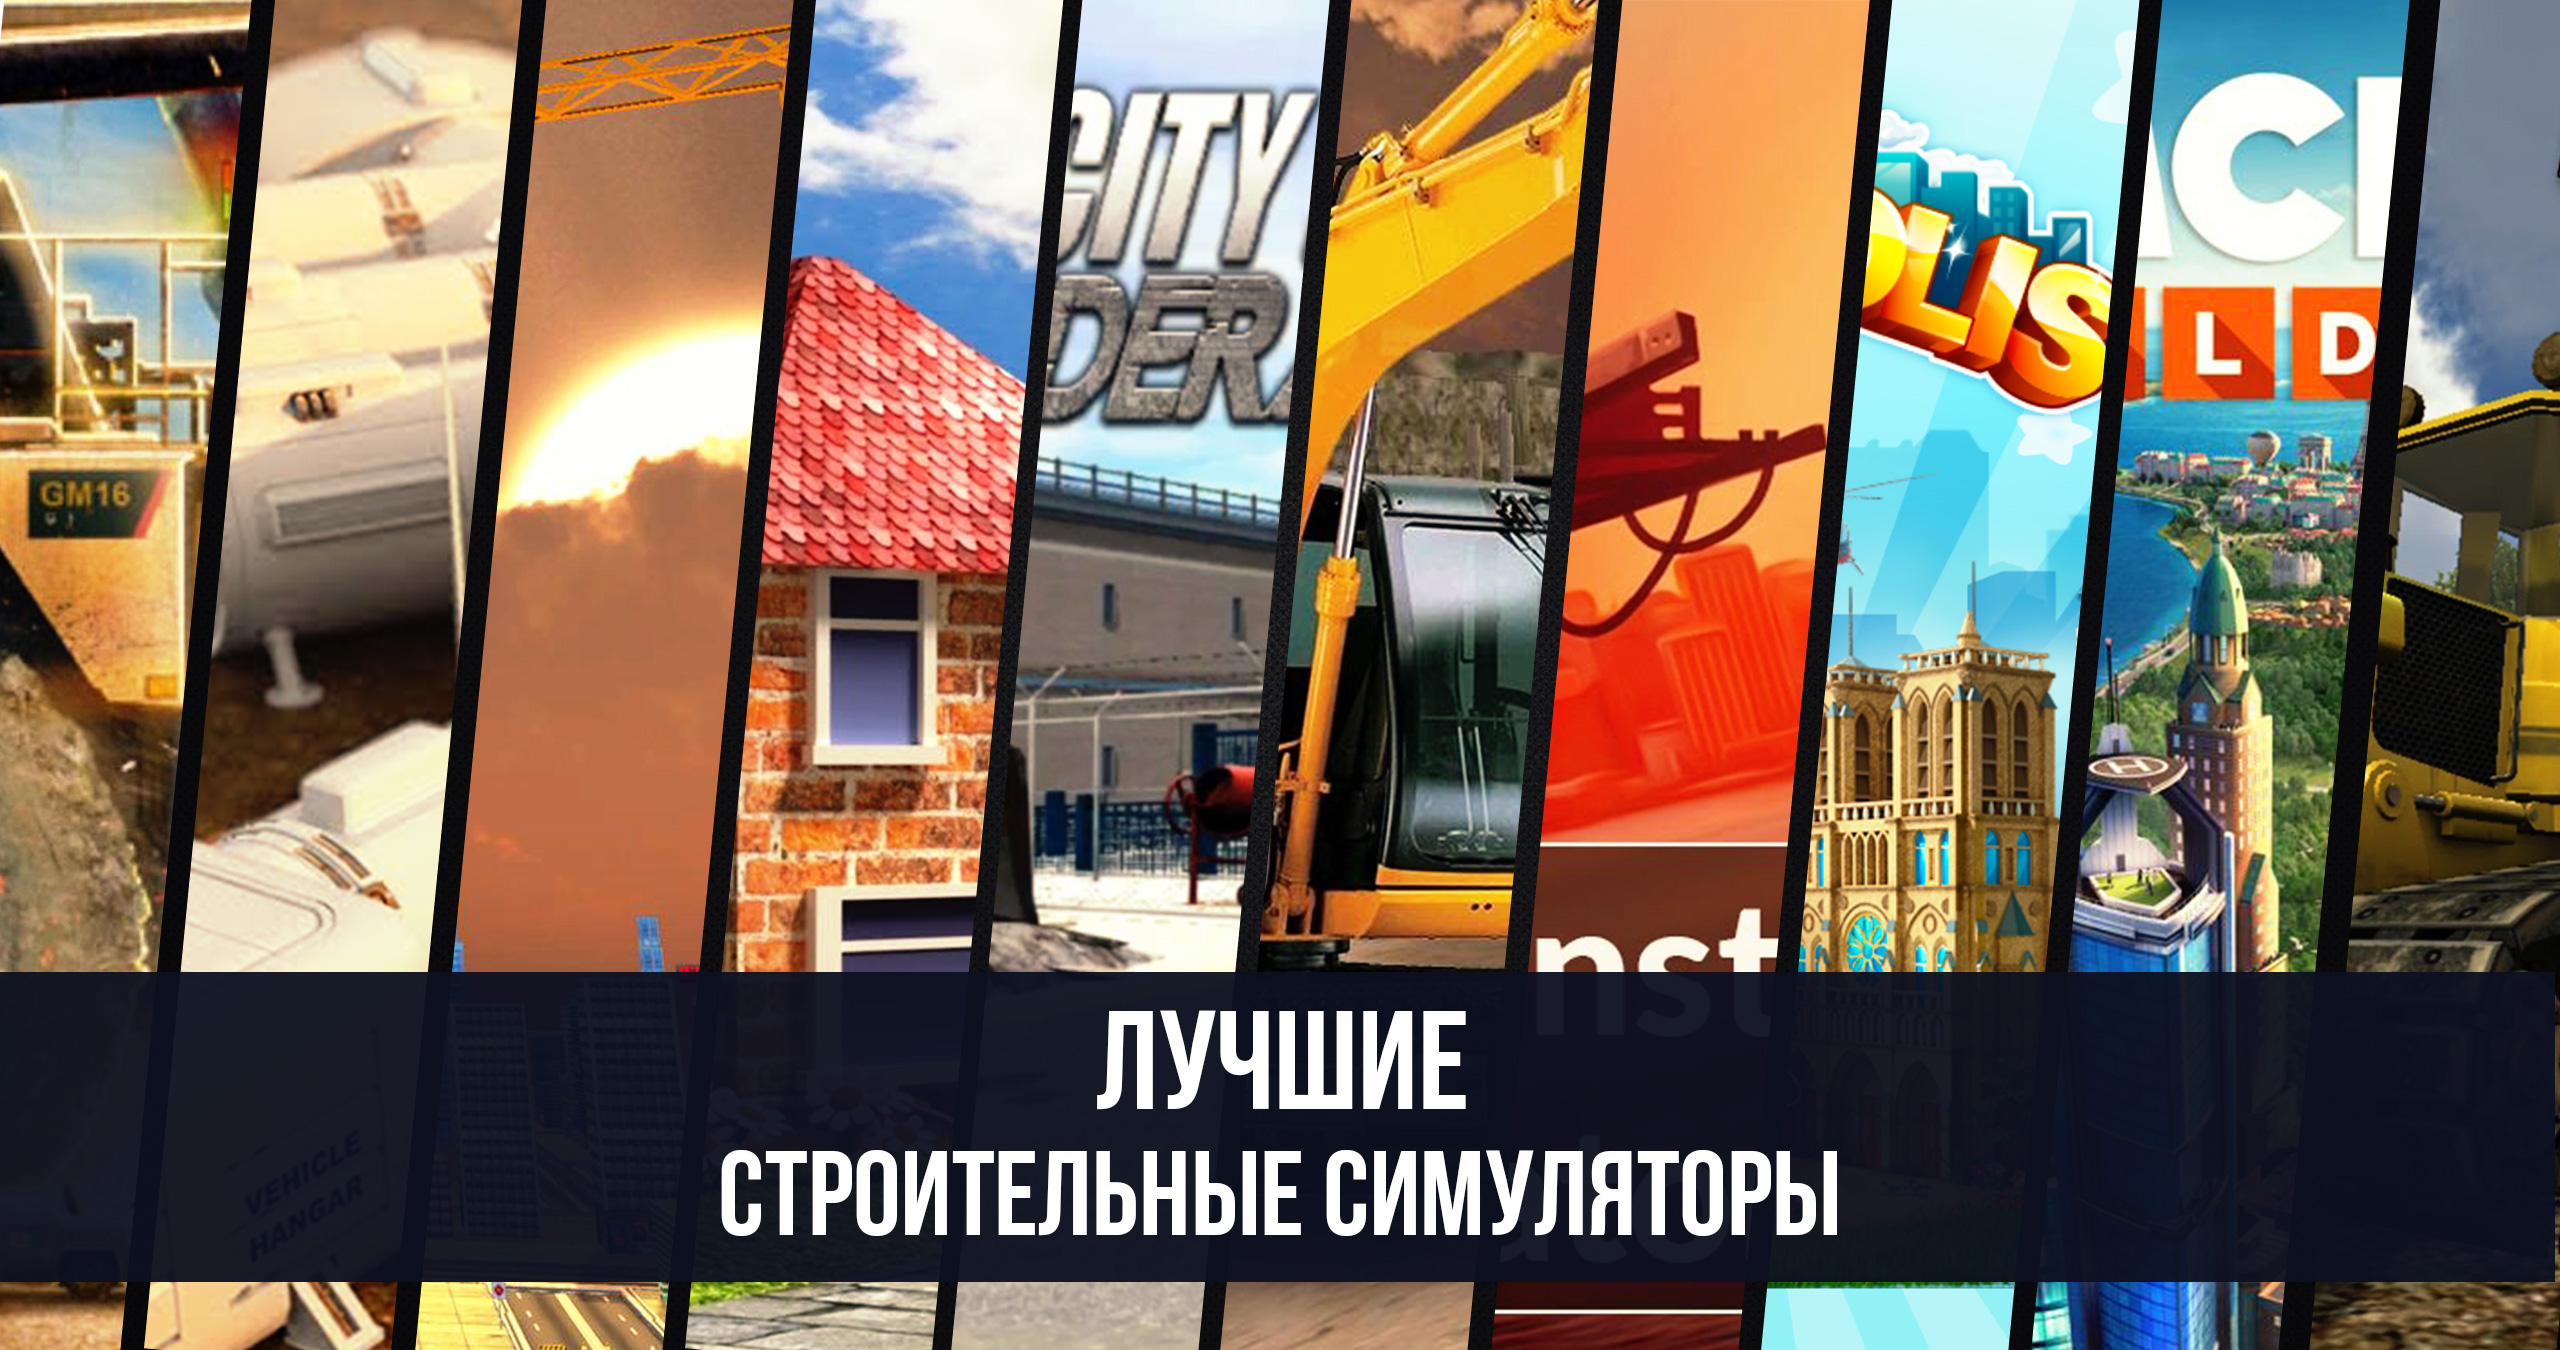 ТОП видеоигр – Лучшиестроительныесимуляторы